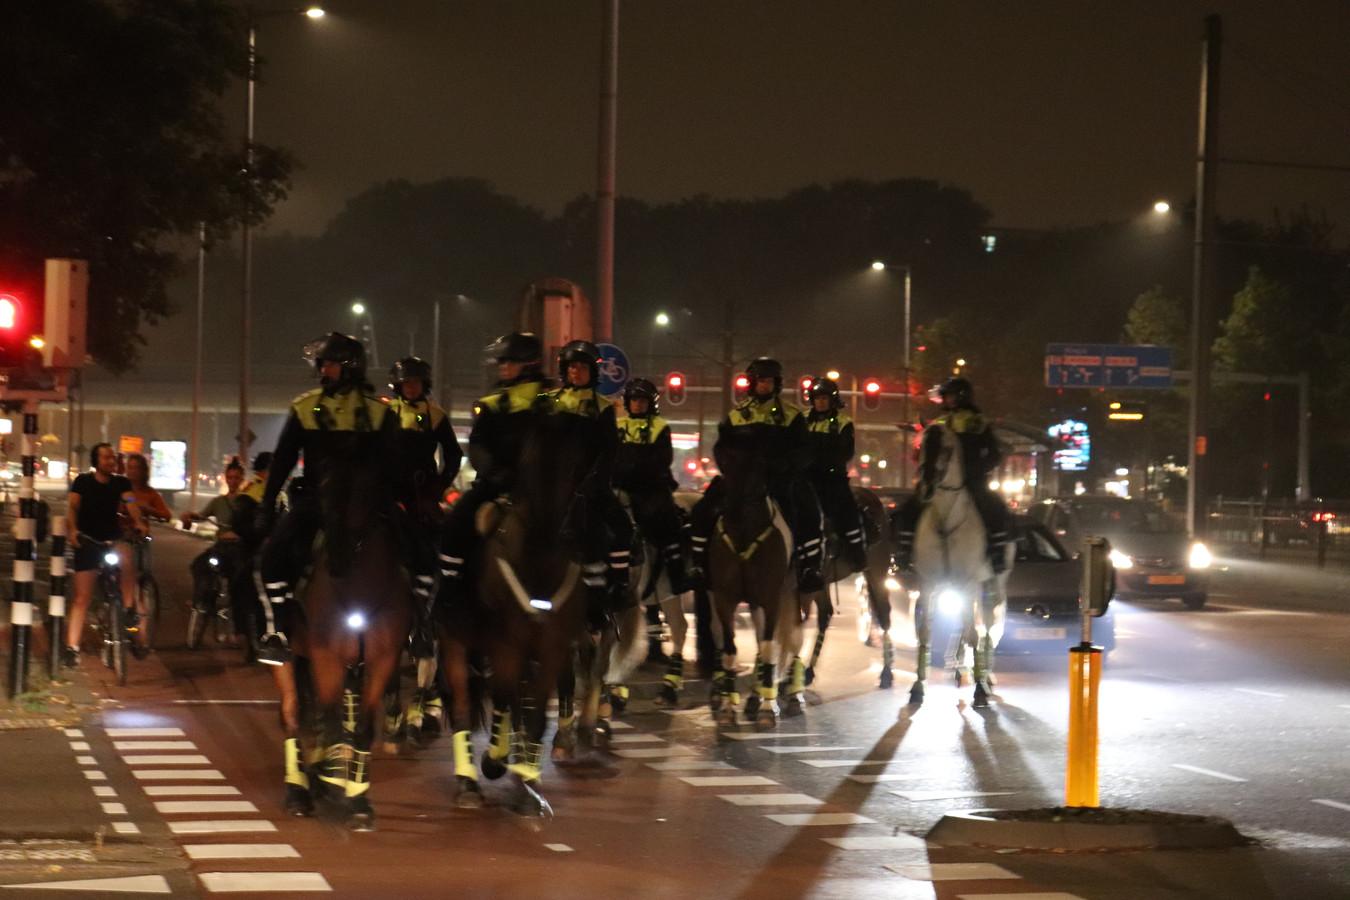 In de Utrechtse wijk Kanaleneiland nabij gelegen aan het 24 Oktoberplein in Utrecht was het onrustig